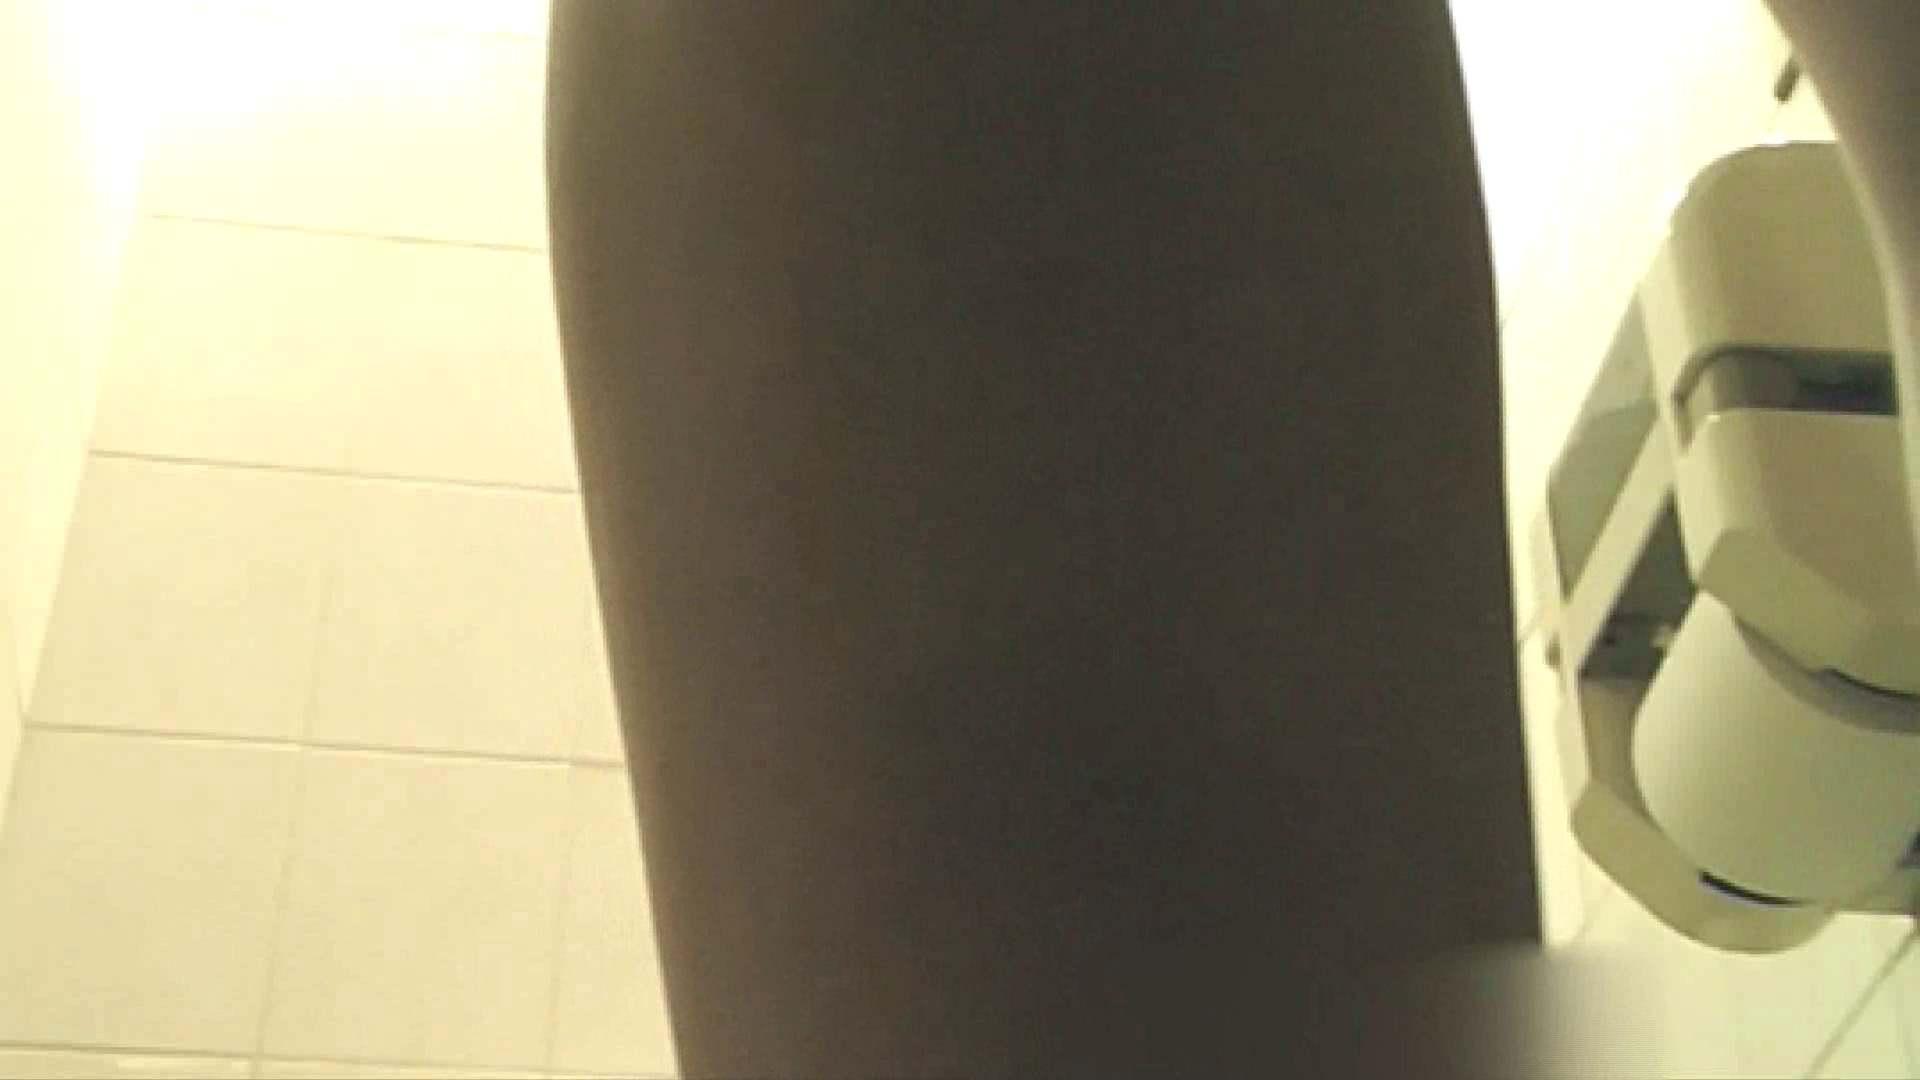 実録!!綺麗なお姉さんのトイレ事情・・・。vol.4 トイレ 盗撮エロ画像 39PICs 8